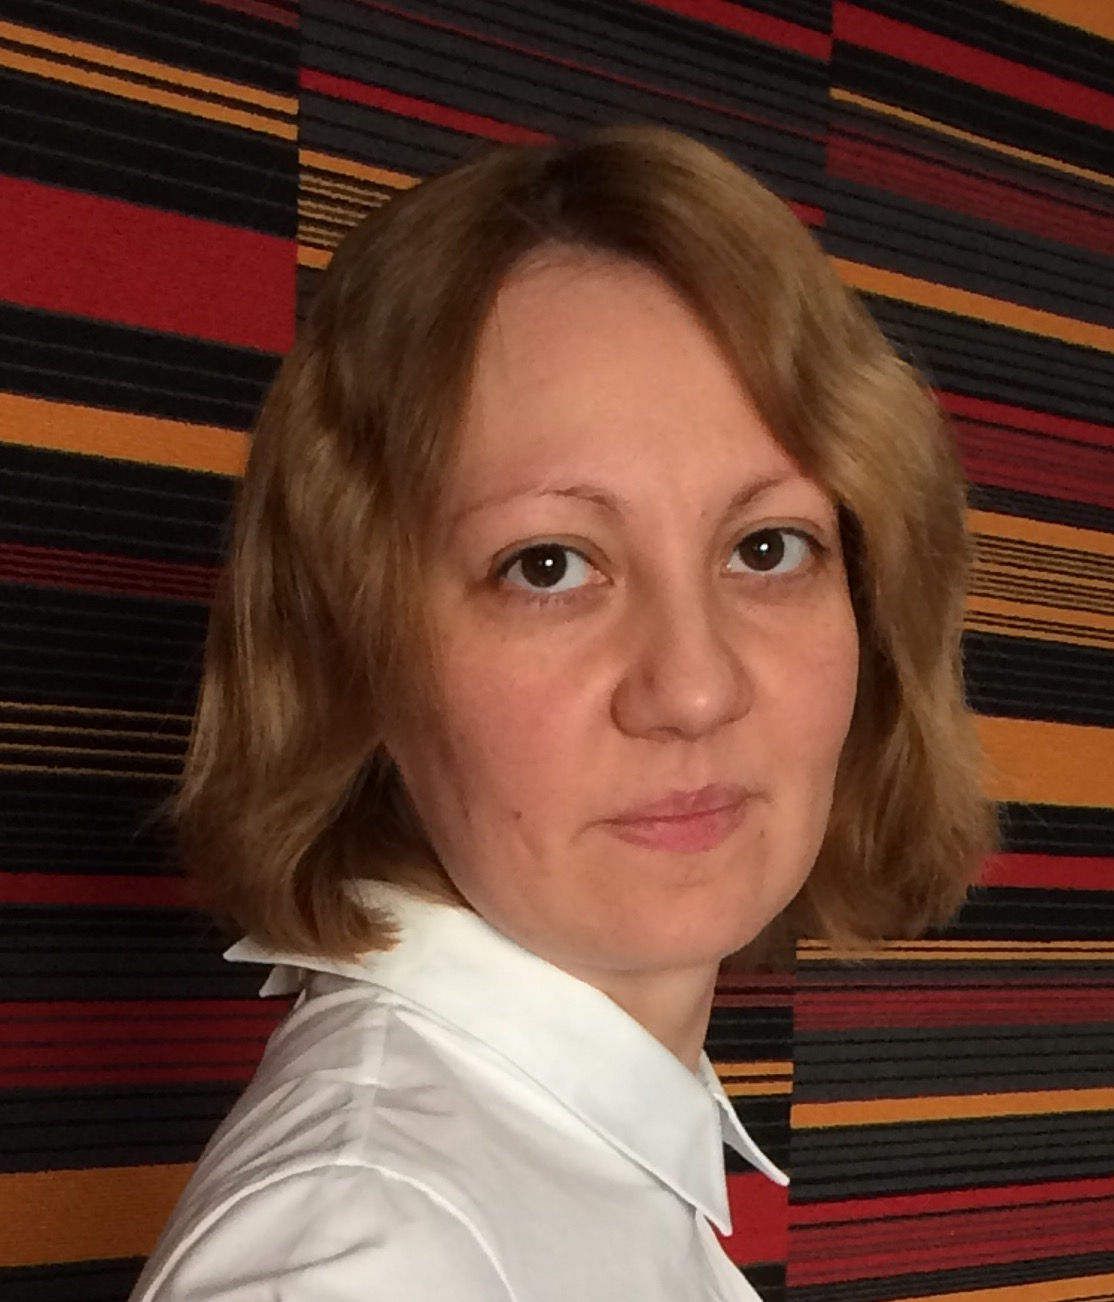 Yulia Viktorova